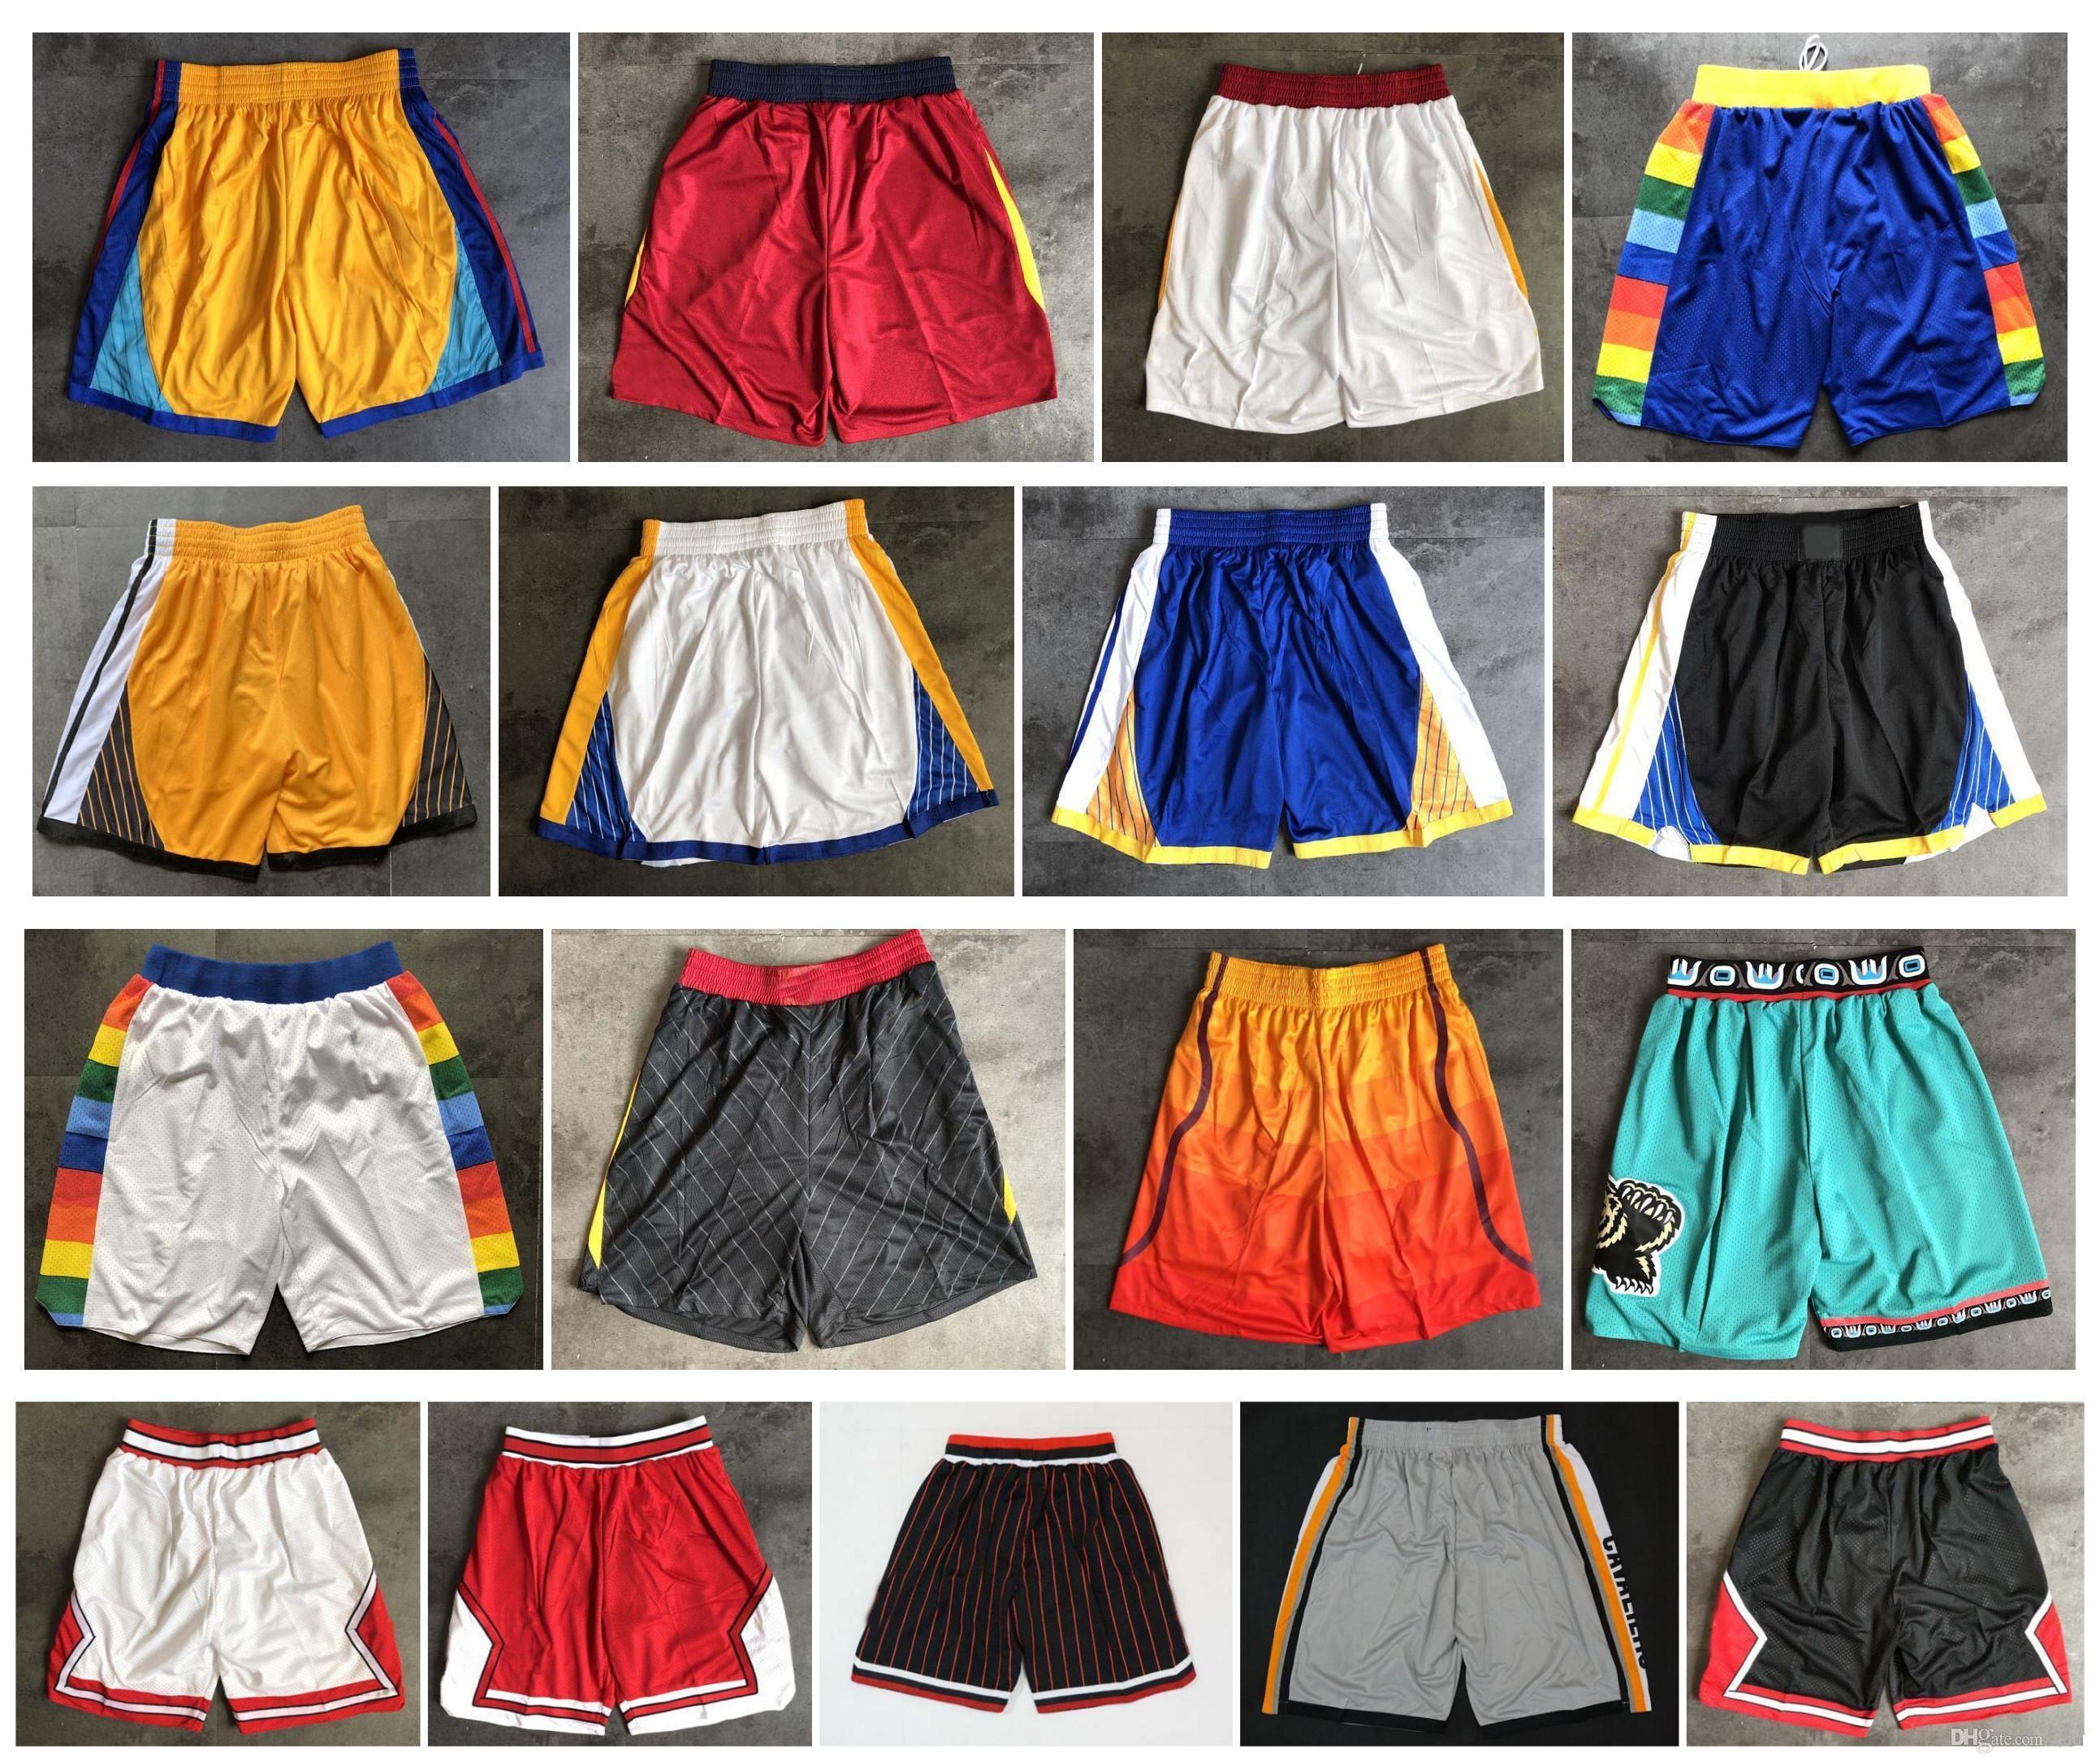 De calidad superior! 2020 Pantalones equipo de baloncesto Pantalones cortos Hombres Pantalones cortos del deporte de la universidad azul púrpura rojo blanco negro verde